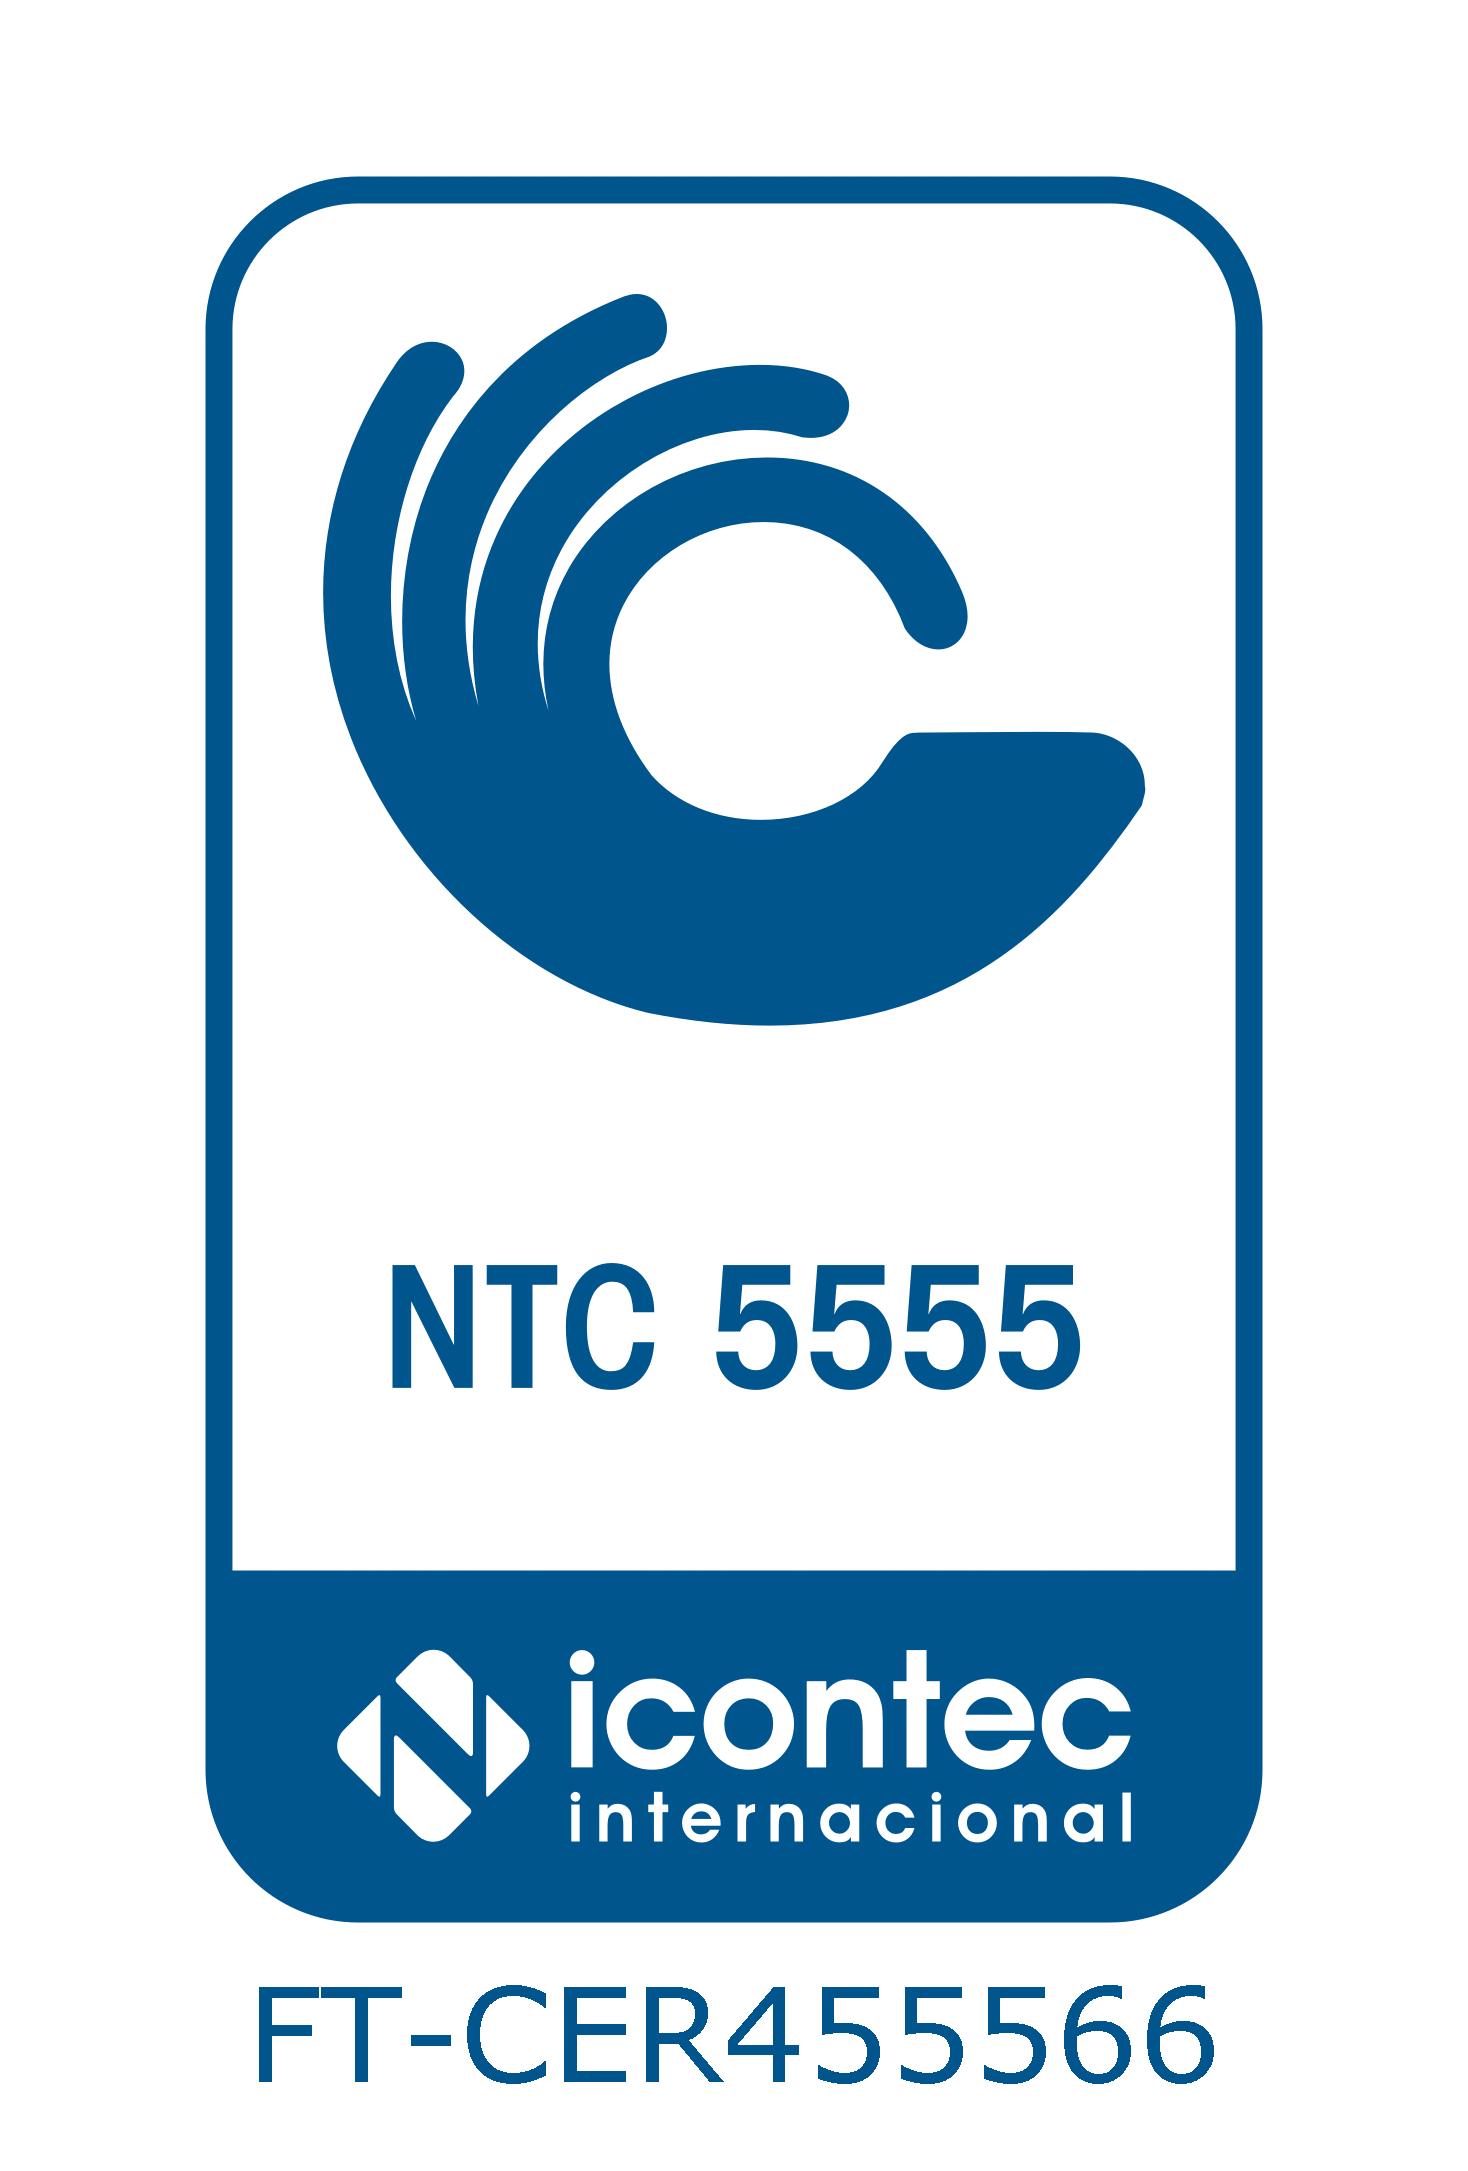 logo de ntc 5555